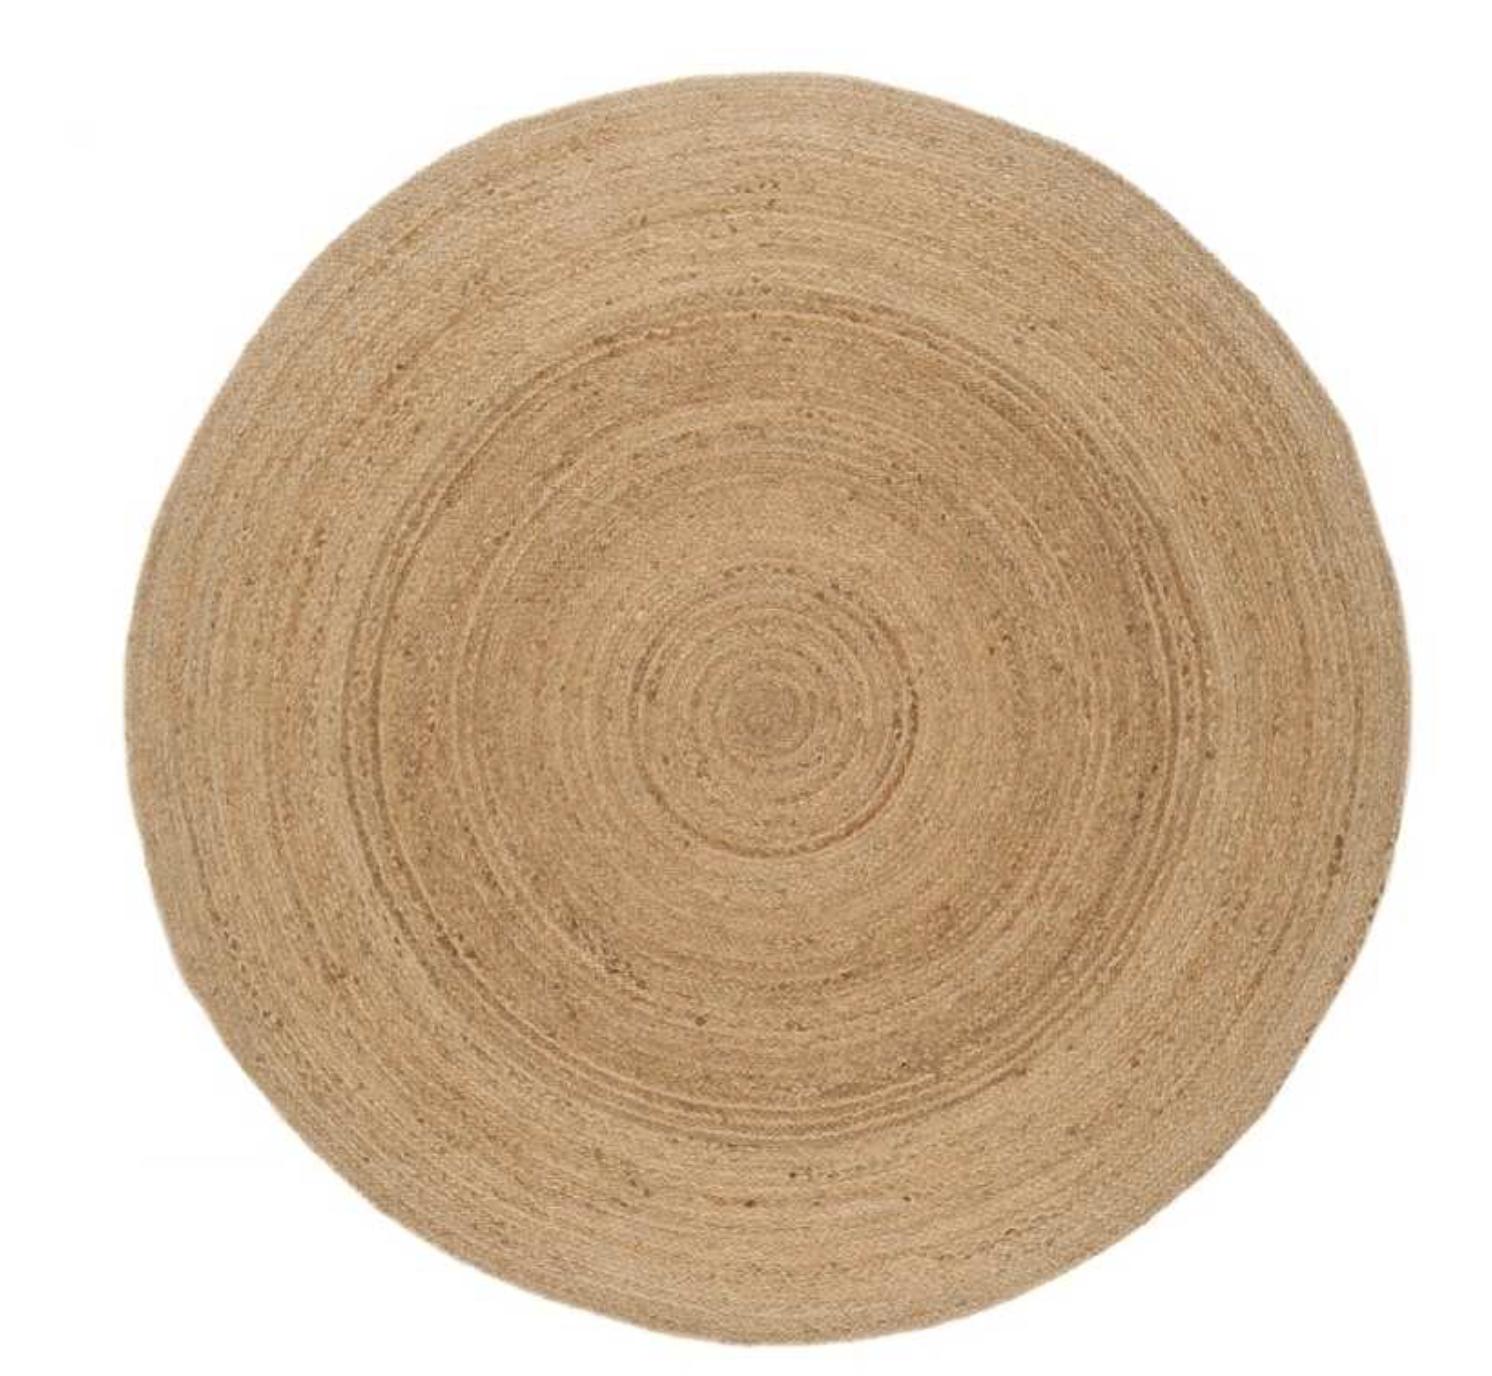 Faro Jute Natural Circle Rug , Modern Rugs £119